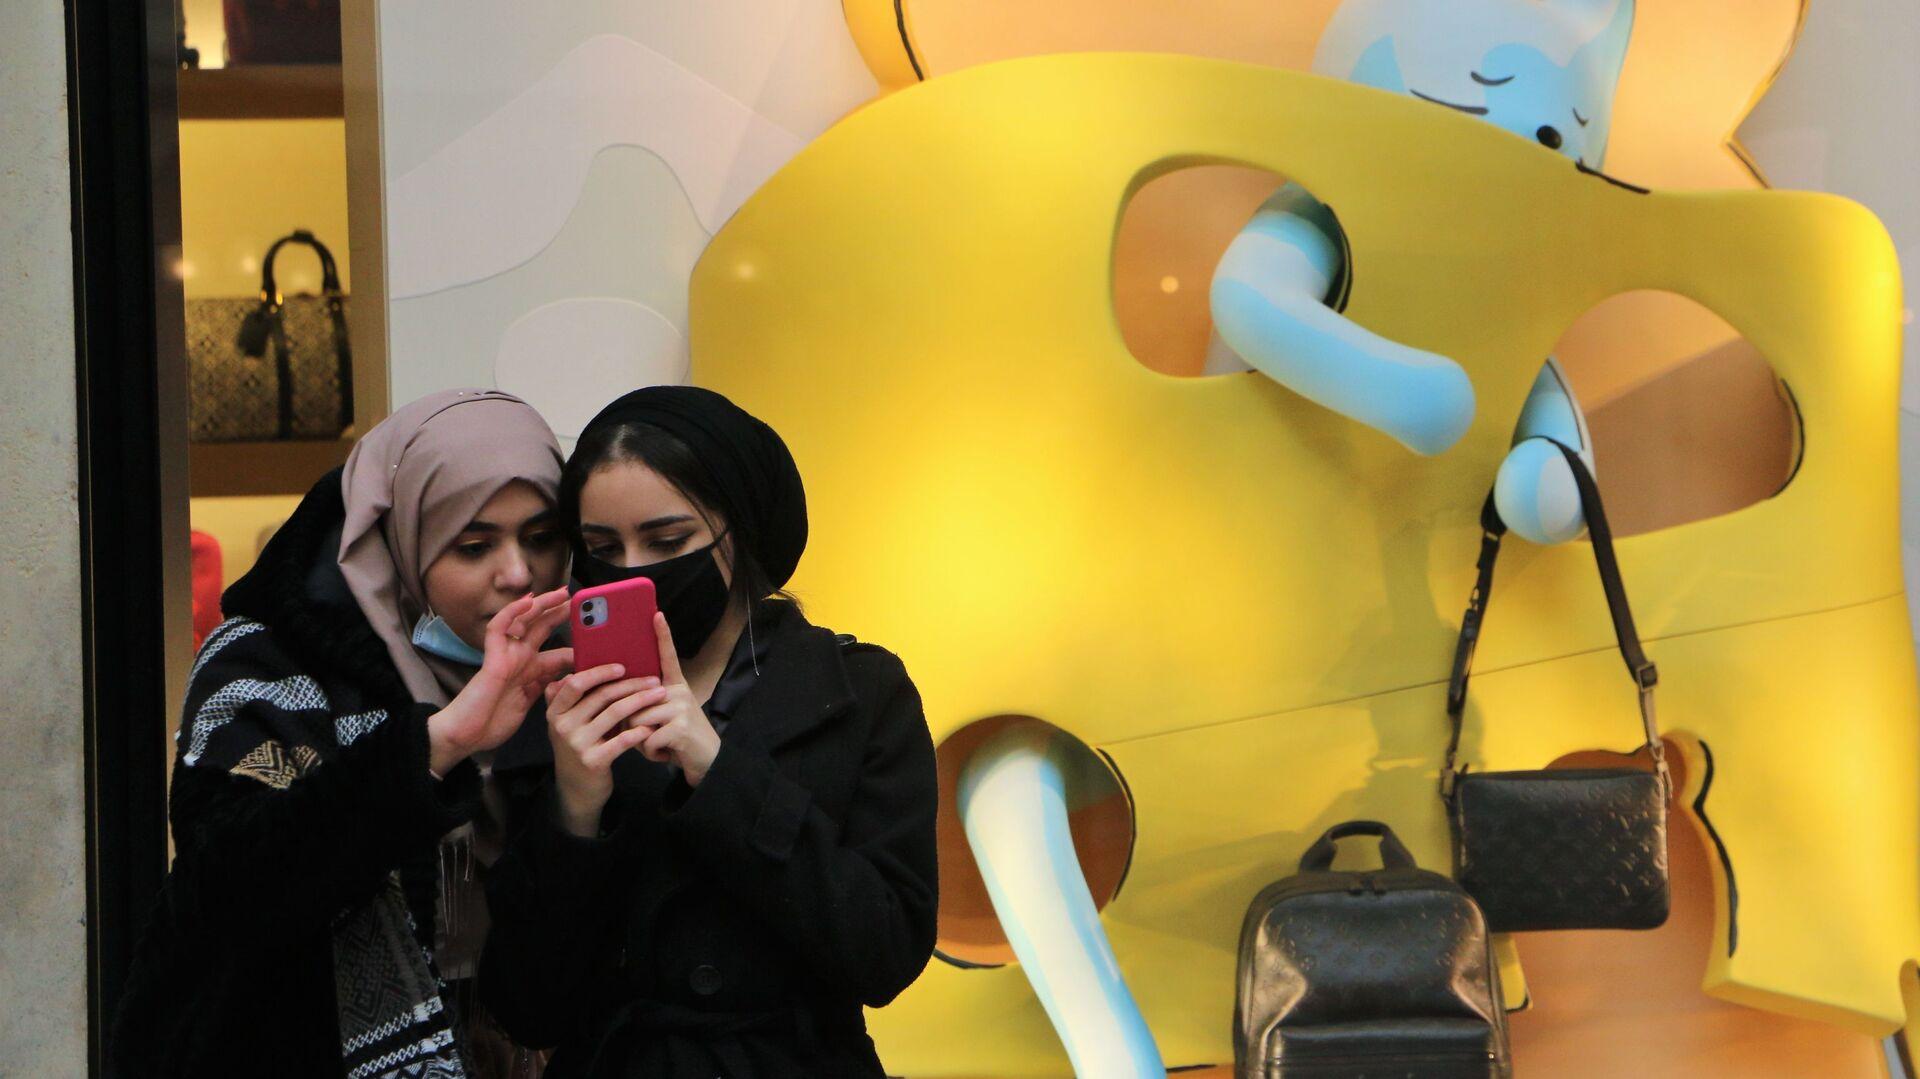 Le ragazze con il cellulare a Milano, Italia - Sputnik Italia, 1920, 01.03.2021